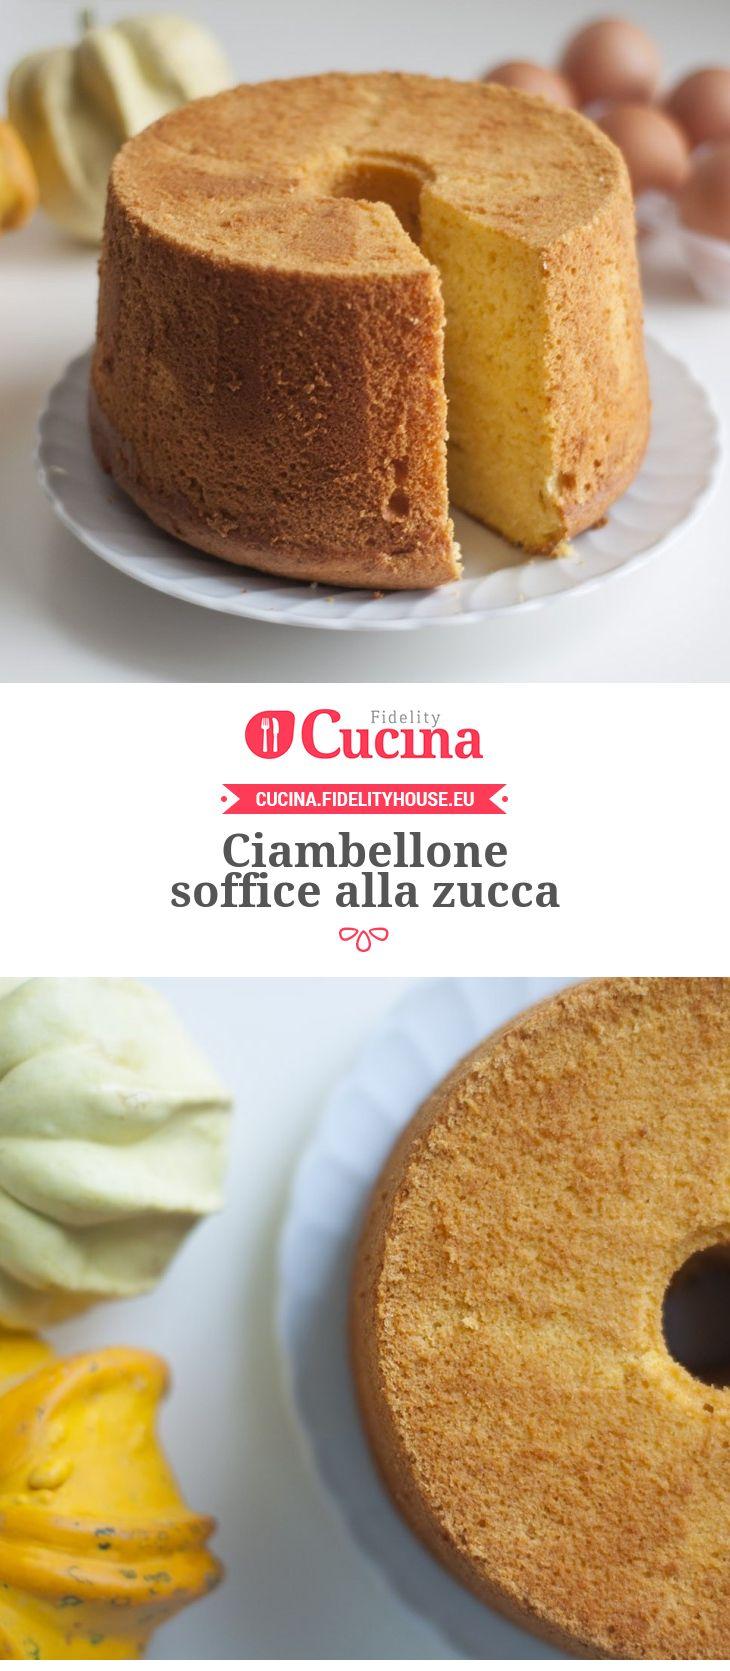 #Ciambellone soffice alla #zucca della nostra utente Chiara. Unisciti alla nostra Community ed invia le tue ricette!